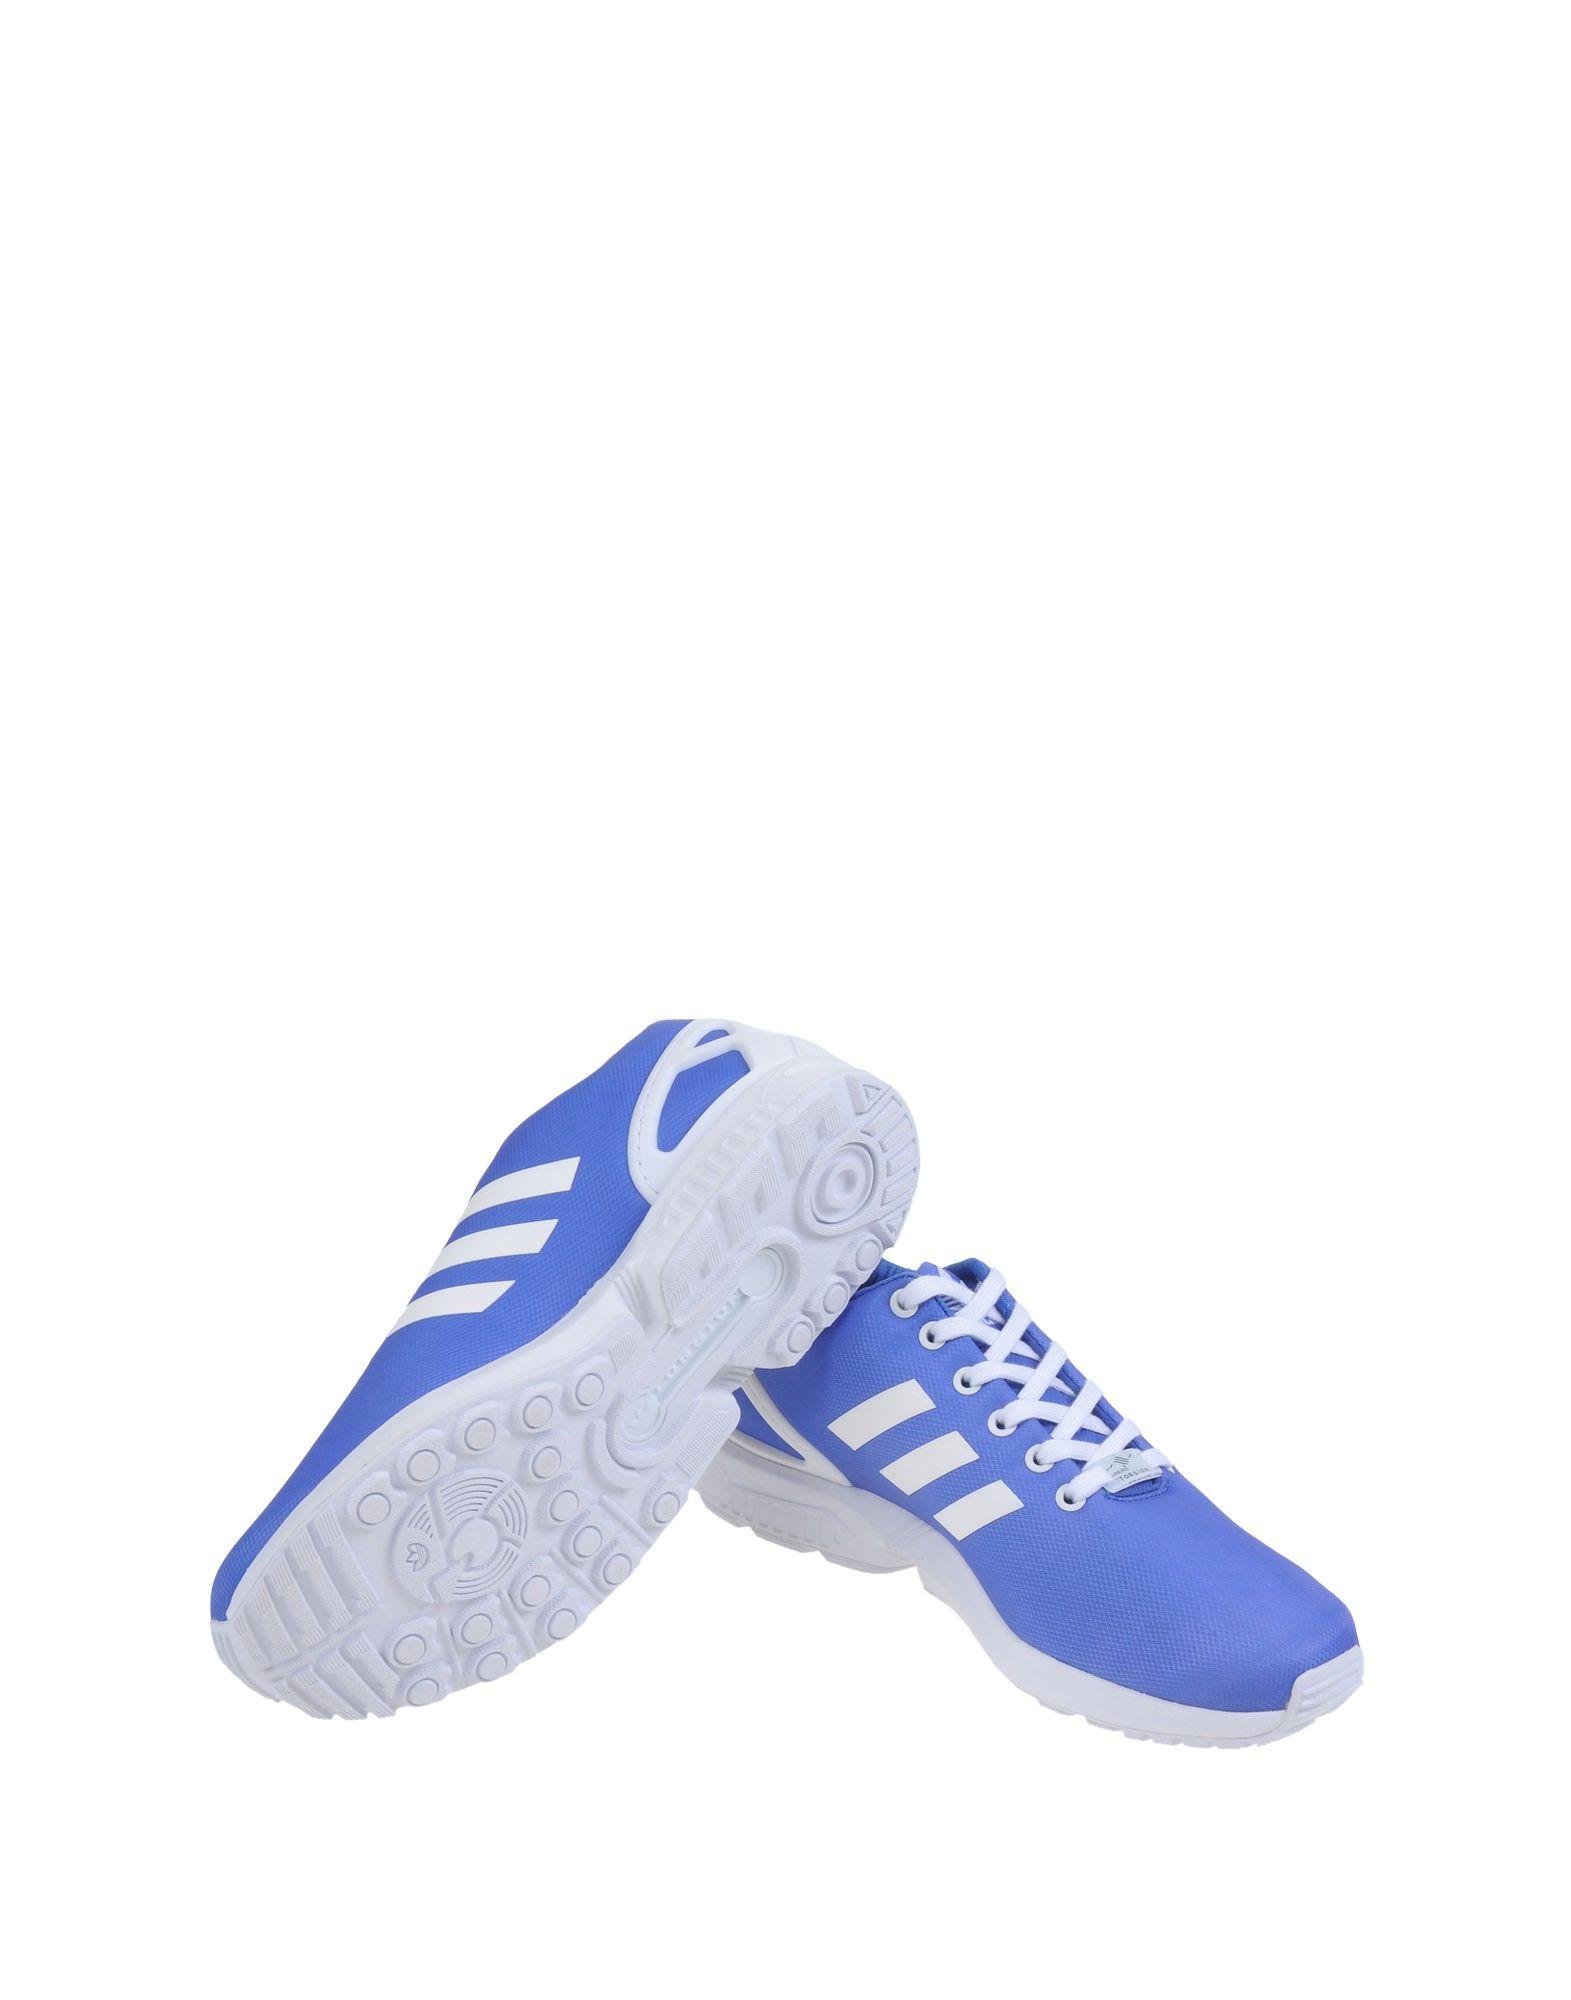 Adidas Originals Damen Sneakers Damen Originals  11083298OM  dc5c4f